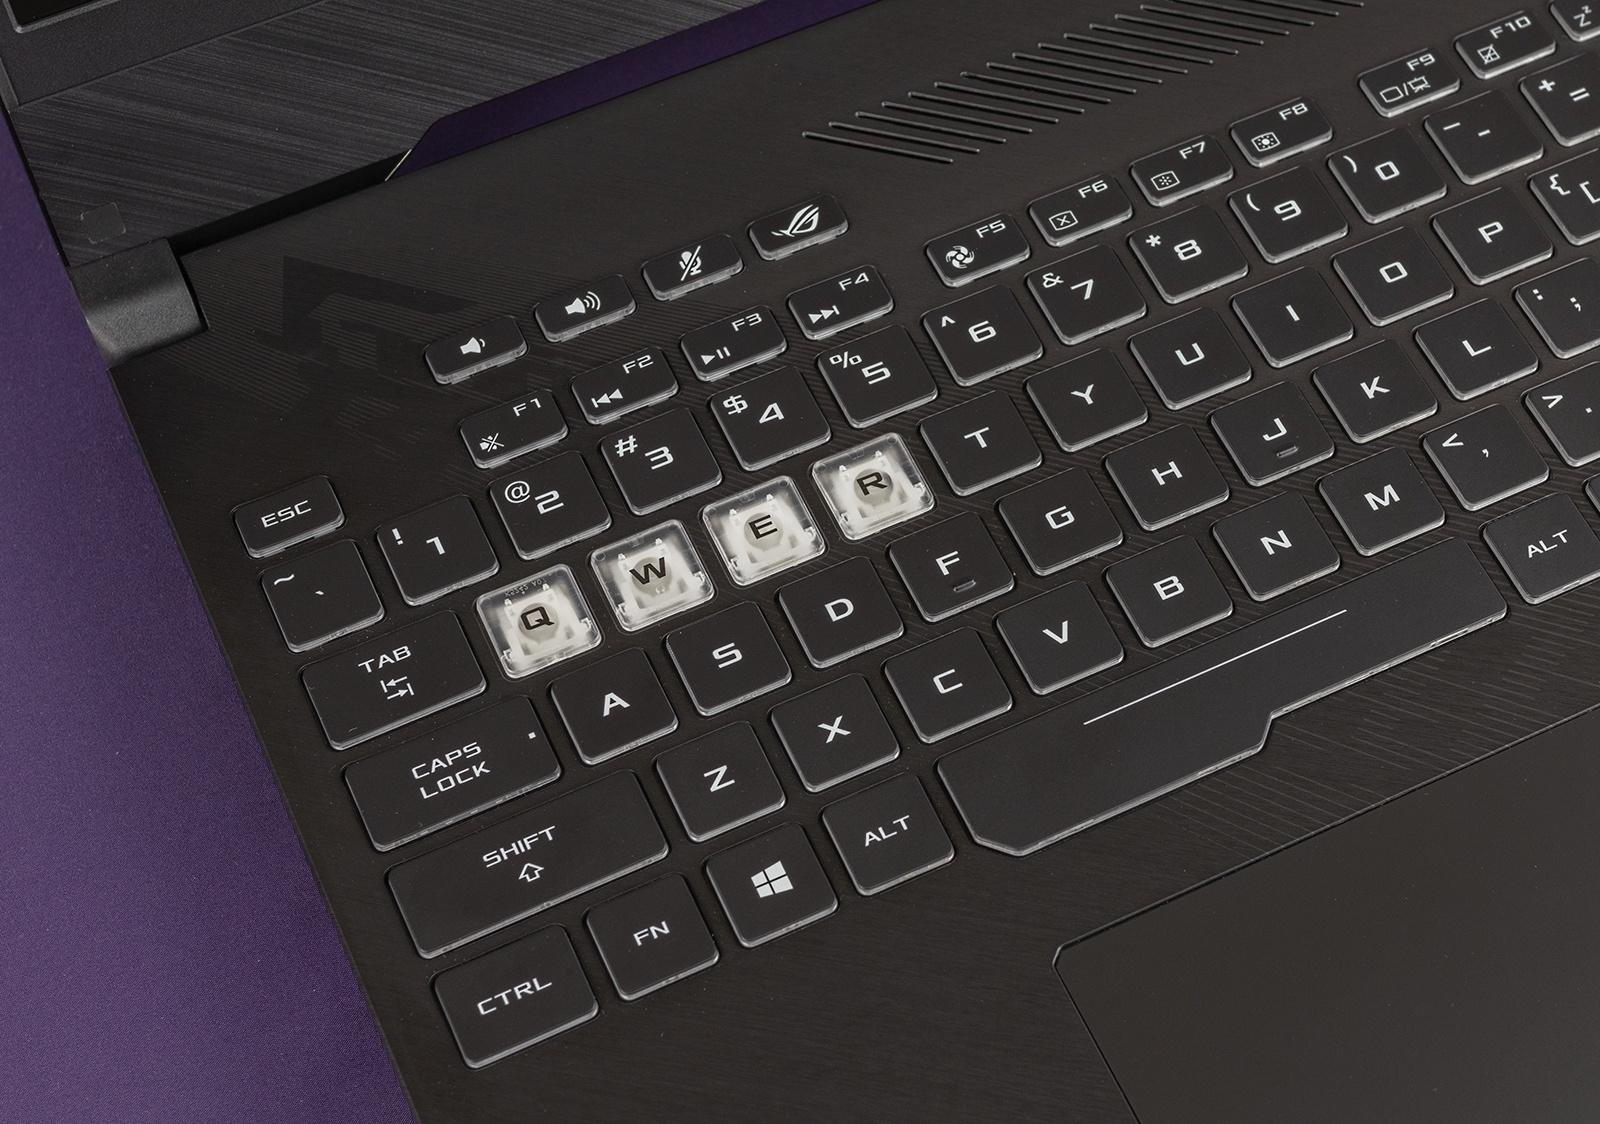 Обзор игровых ноутбуков ASUS ROG Strix GL504GS SCAR II и ASUS ROG Strix GL504GM HERO II - 35